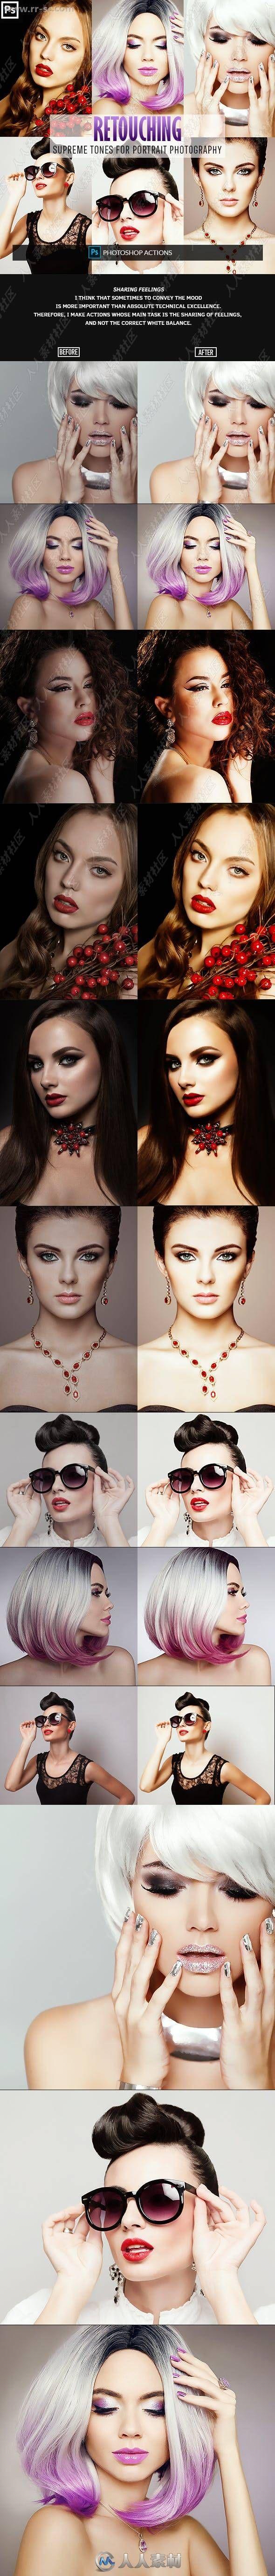 美化容颜提亮色调柔和皮肤艺术特效PS动作